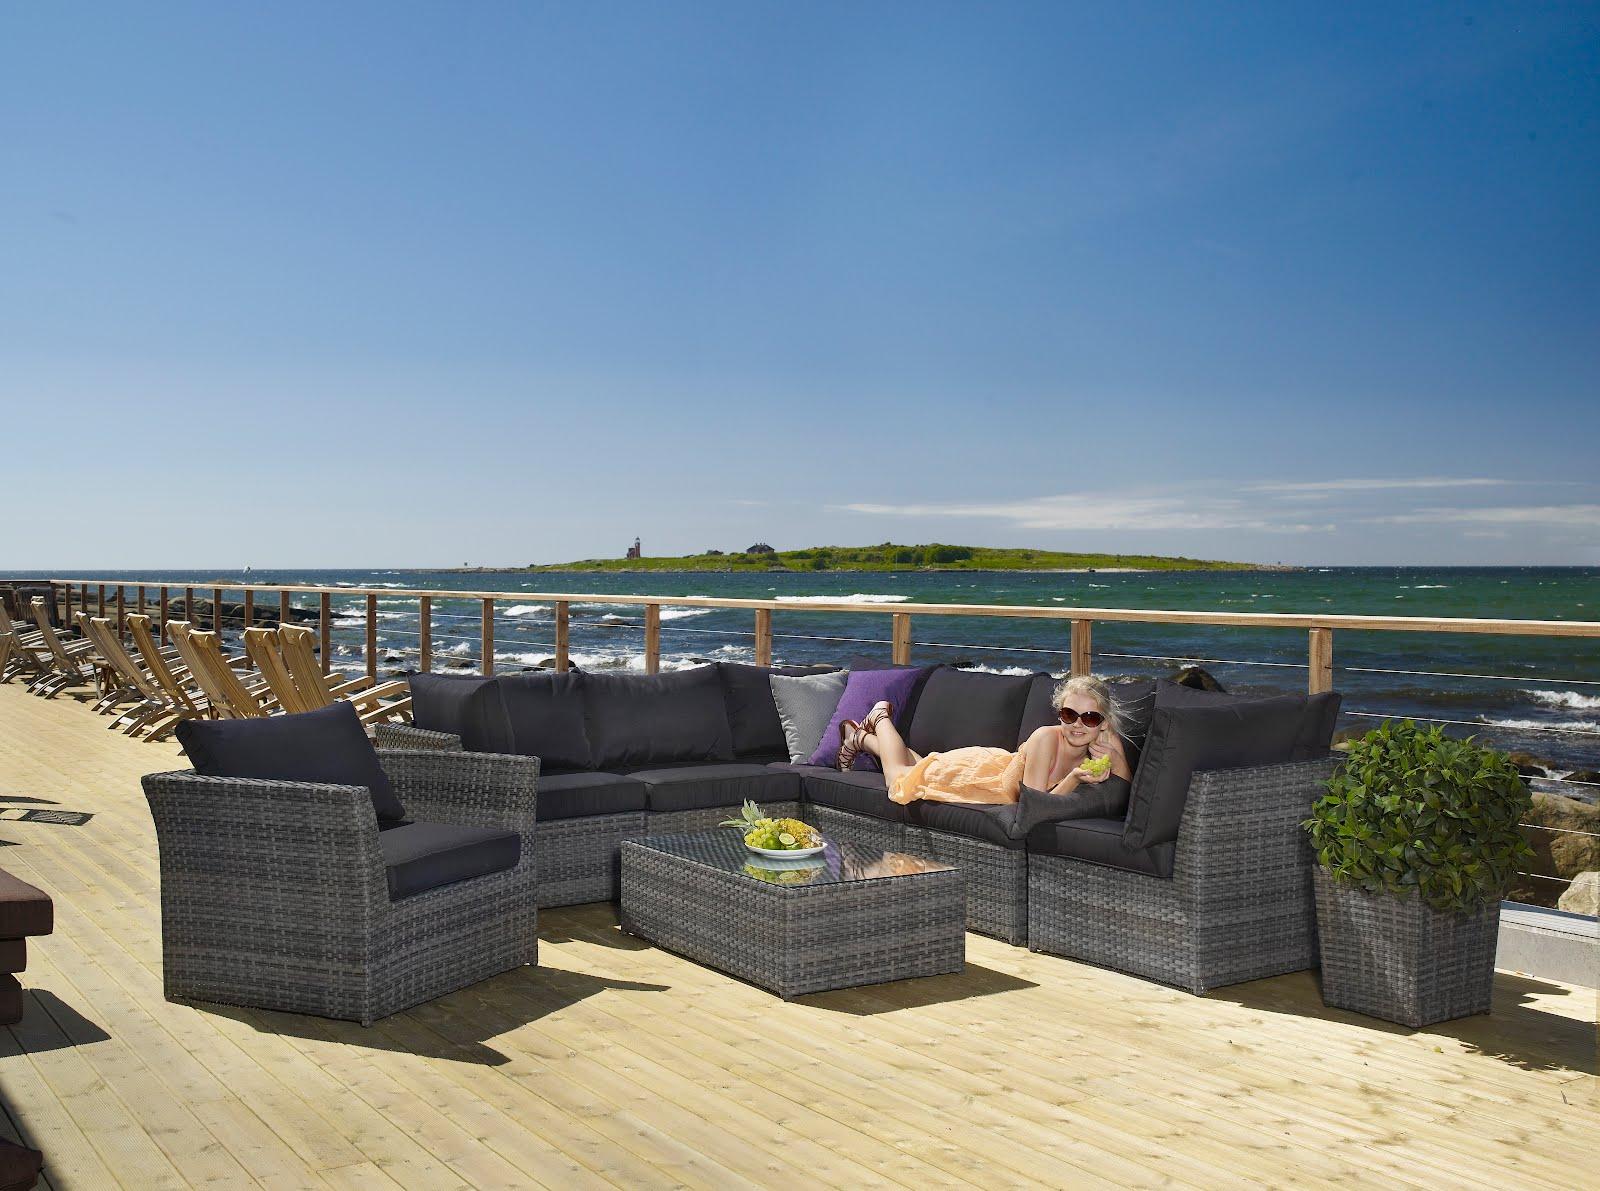 Var med och vinn en Lounge möbel! | Allt om utemöbler ...